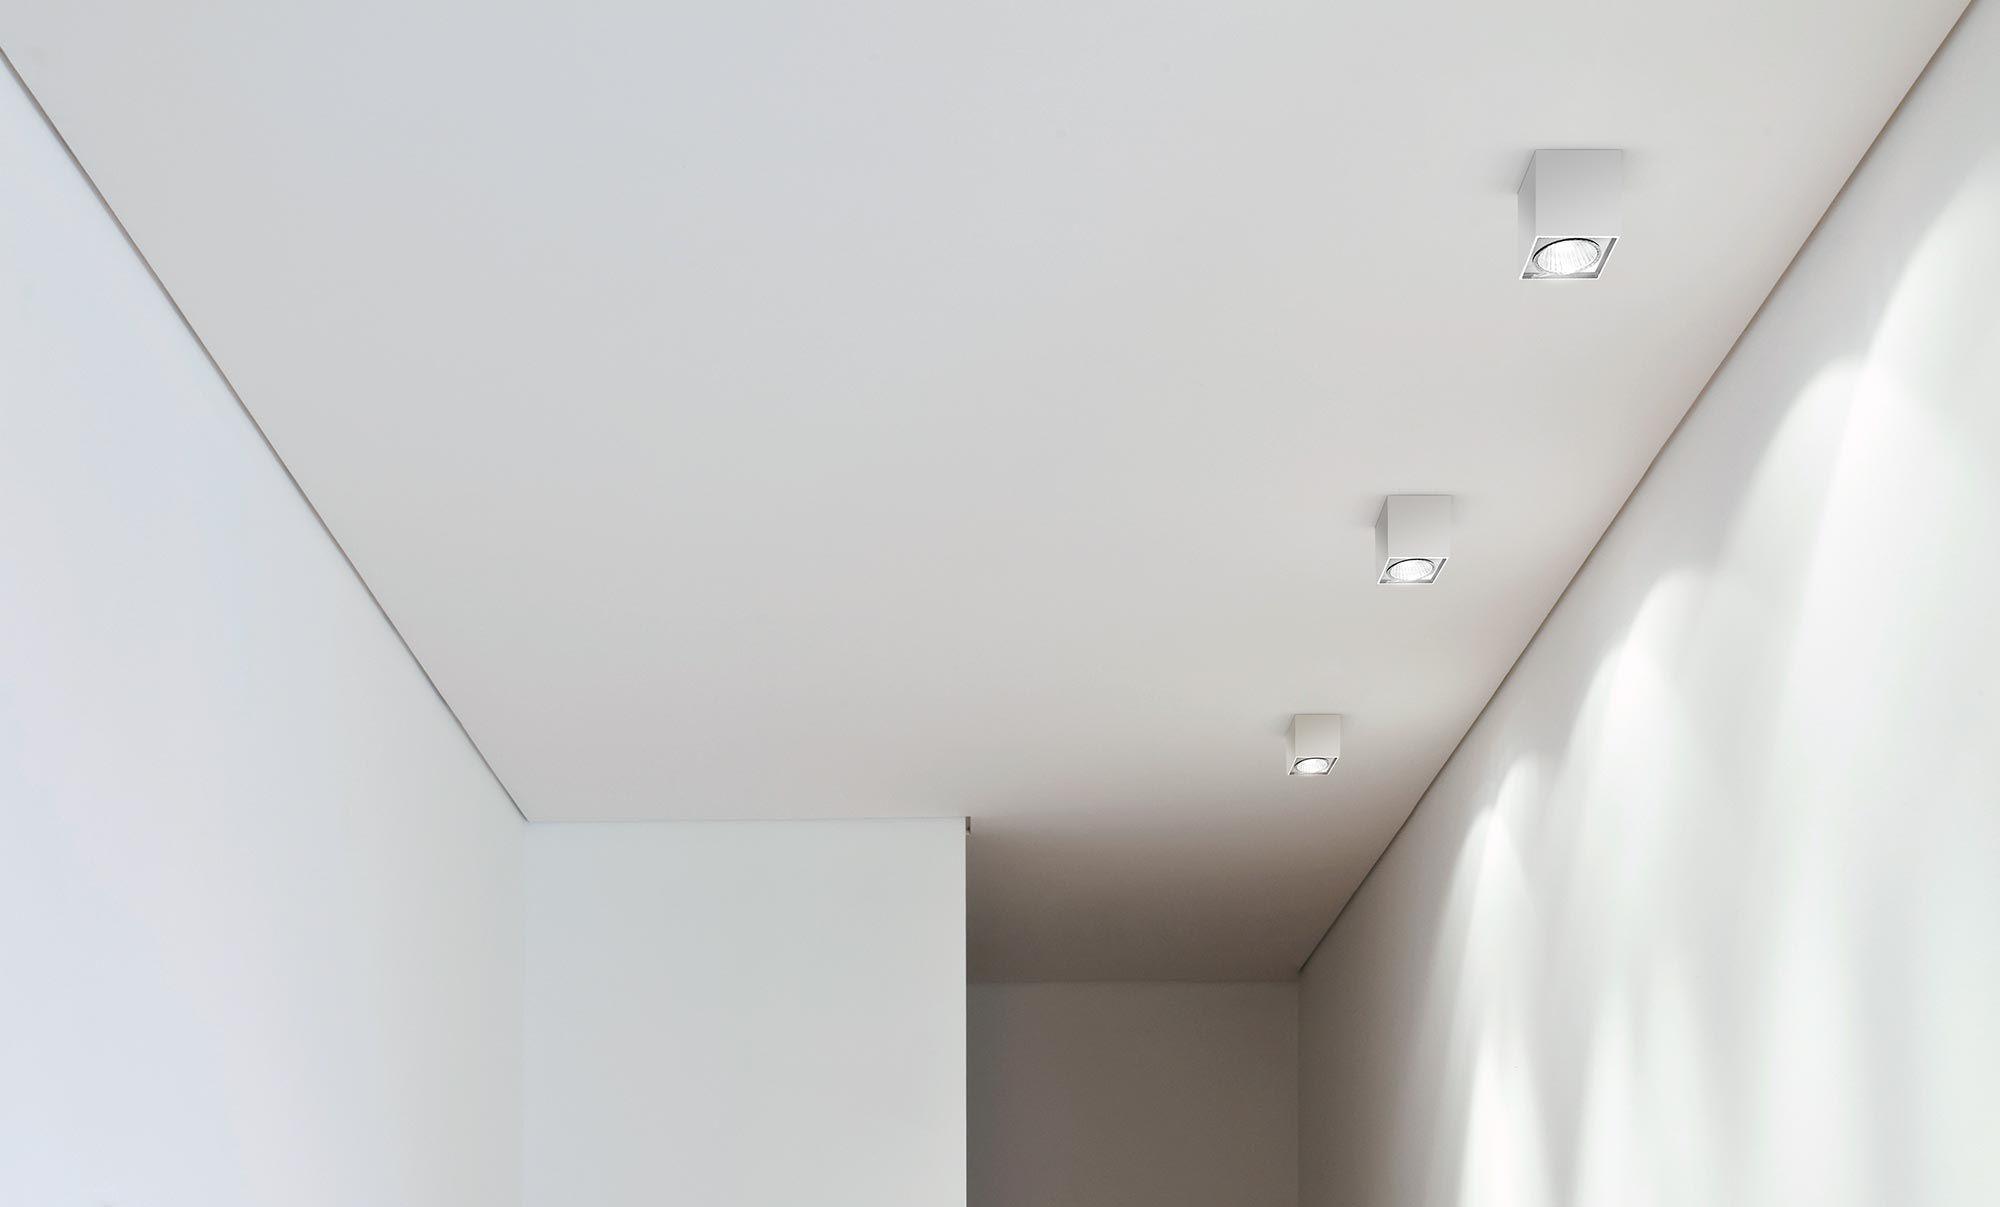 Plafoniera Quadrata Da Esterno Led : Plafoniera moderna quadrata in alluminio led two panzeri